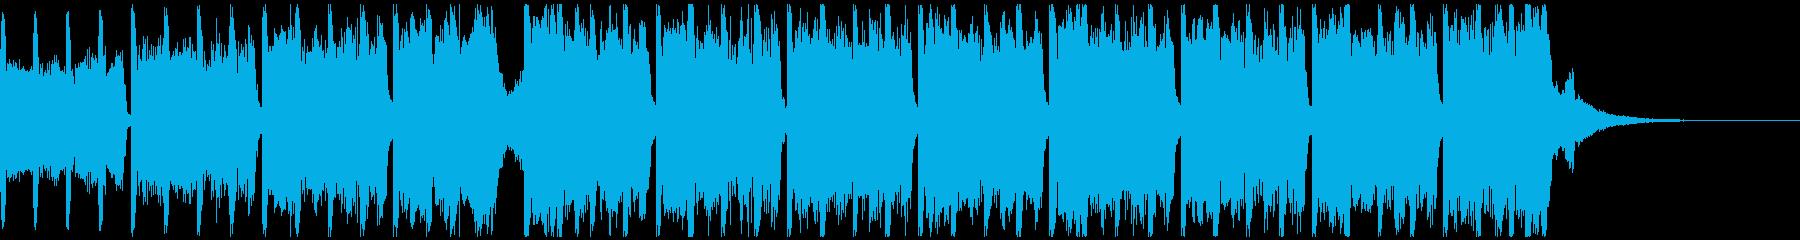 スポーツの動機(30秒)の再生済みの波形